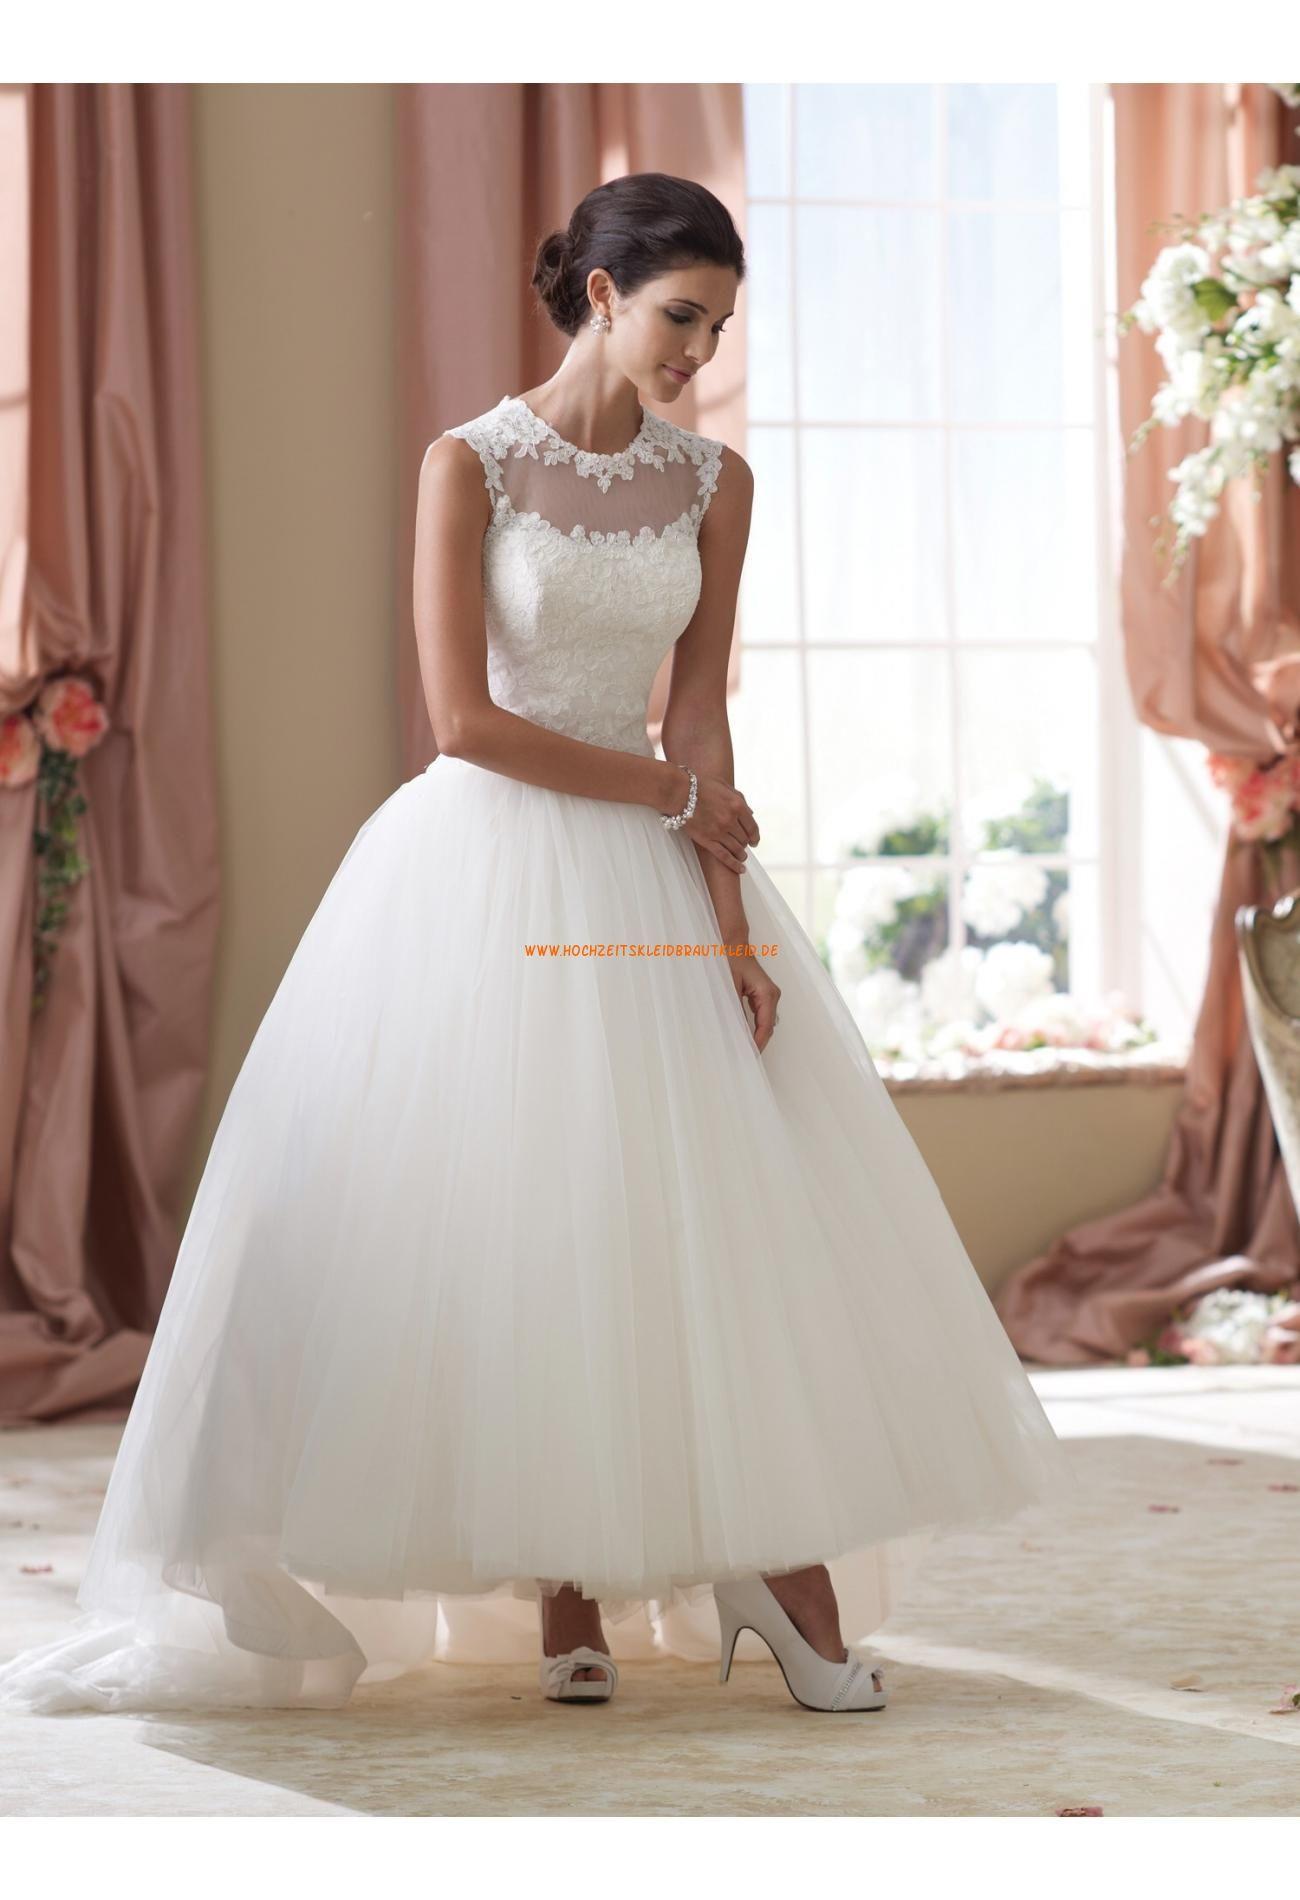 Schönes Brautkleid A-Linie 2013 aus Organza mit Applikation